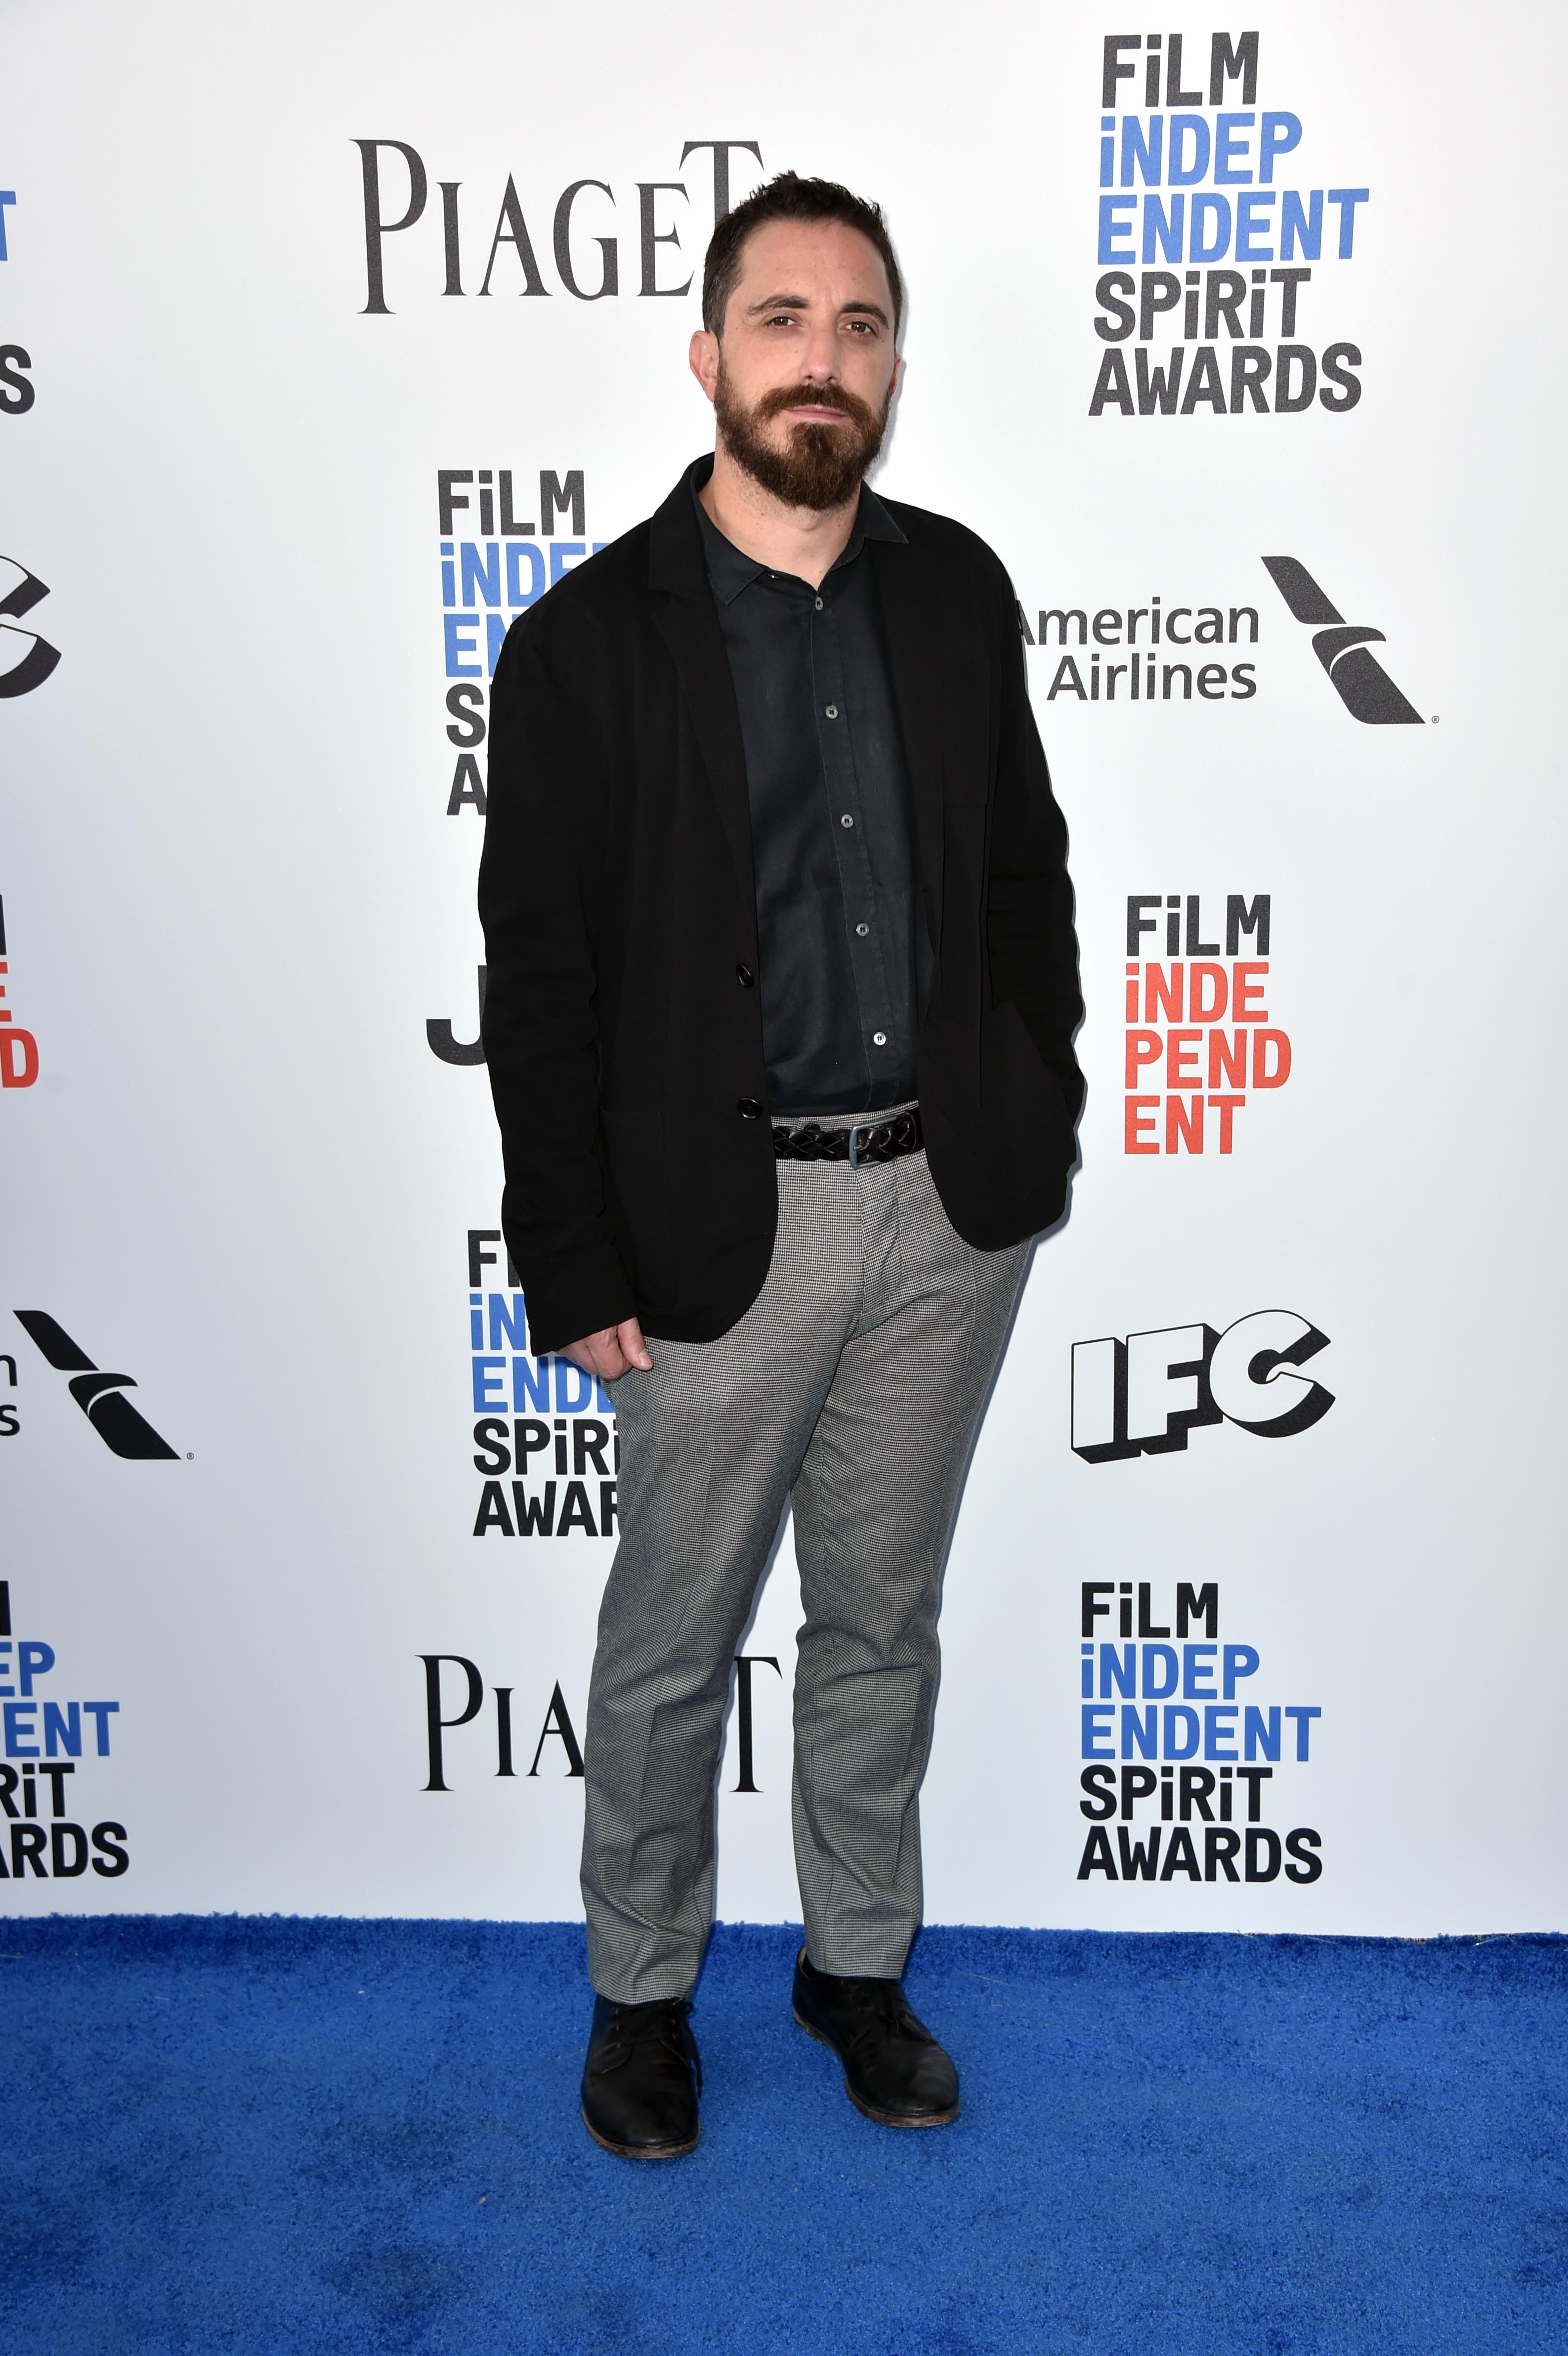 Pablo Larraín en el Film Independent Spirit Award 2017 en Califorina (febrero) | Agence France-Presse